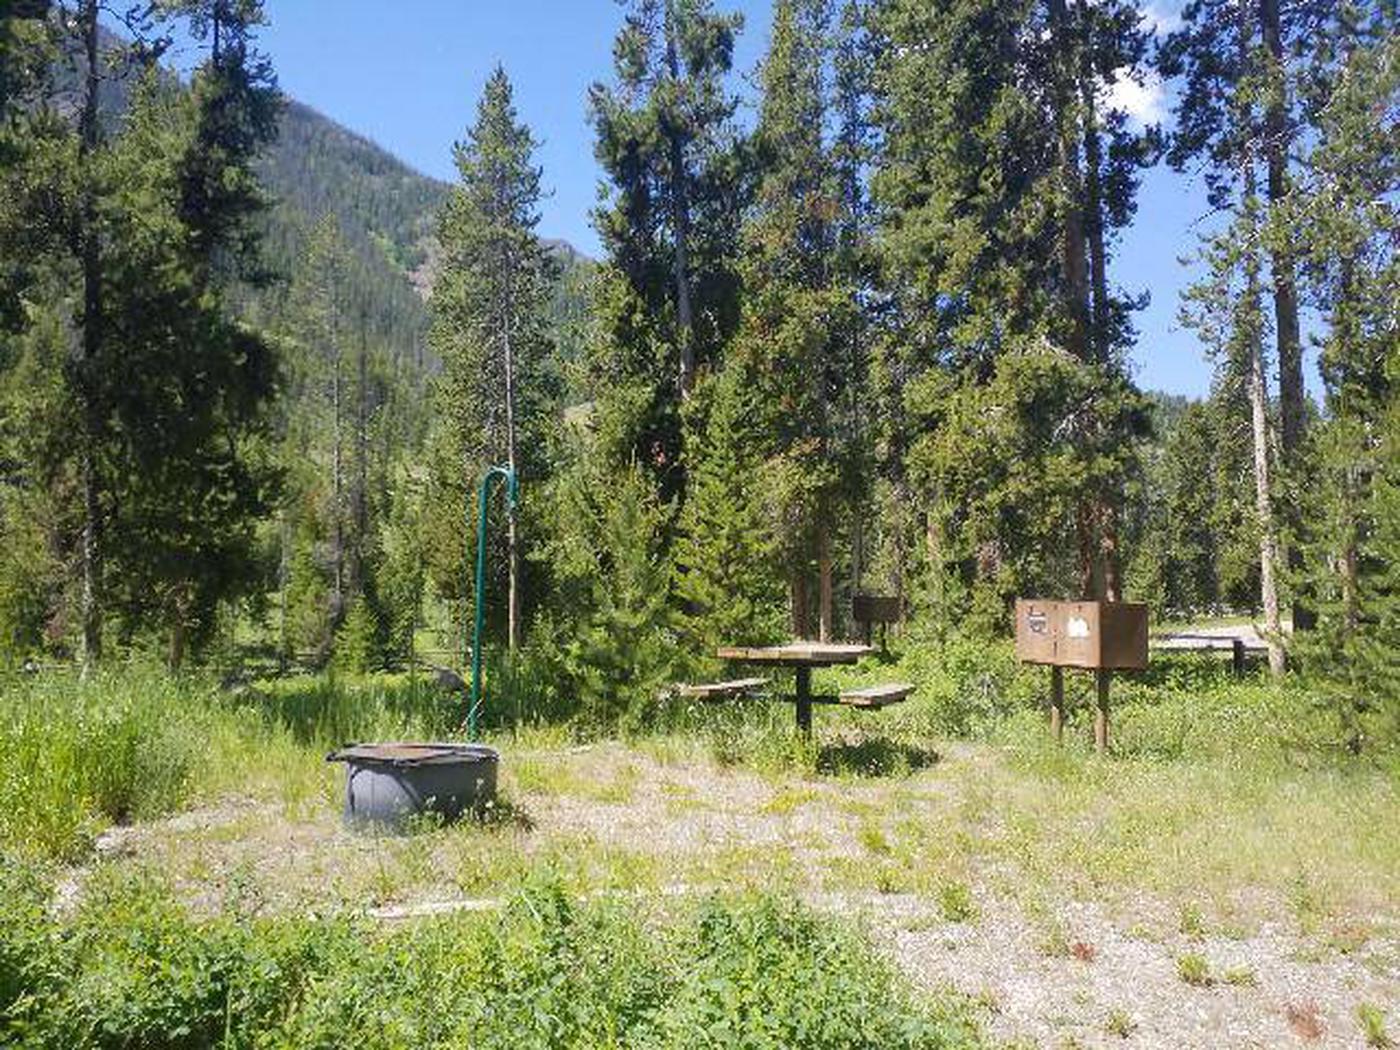 Threemile Campground Campsite 18 - Picnic Area